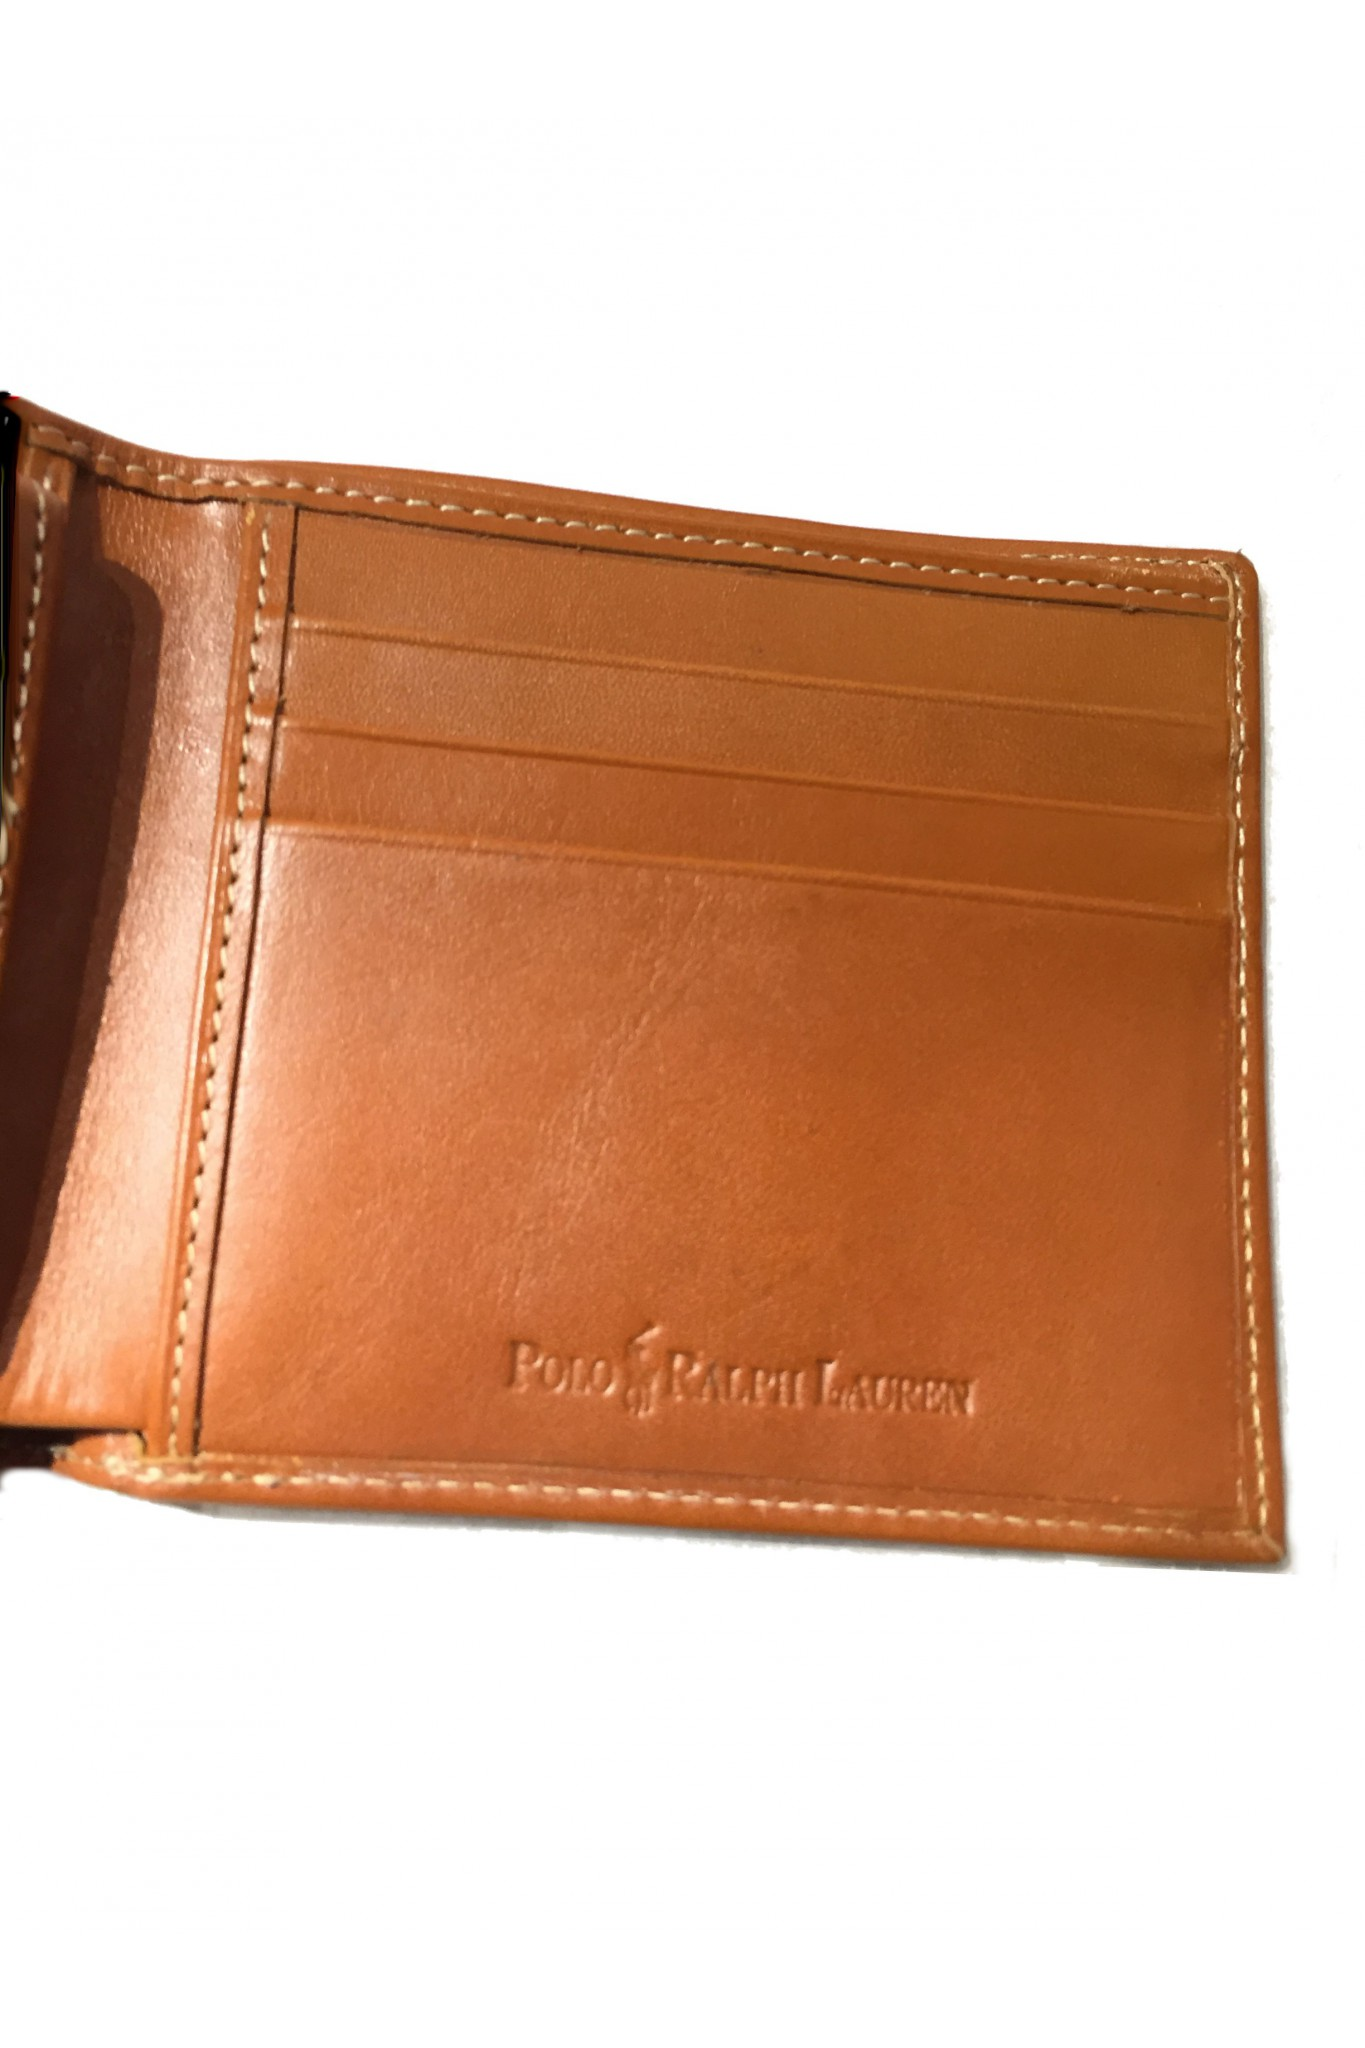 new style 3749e 37ef8 Vendita portafogli da uomo Ralph Lauren in pelle color cuoio ...